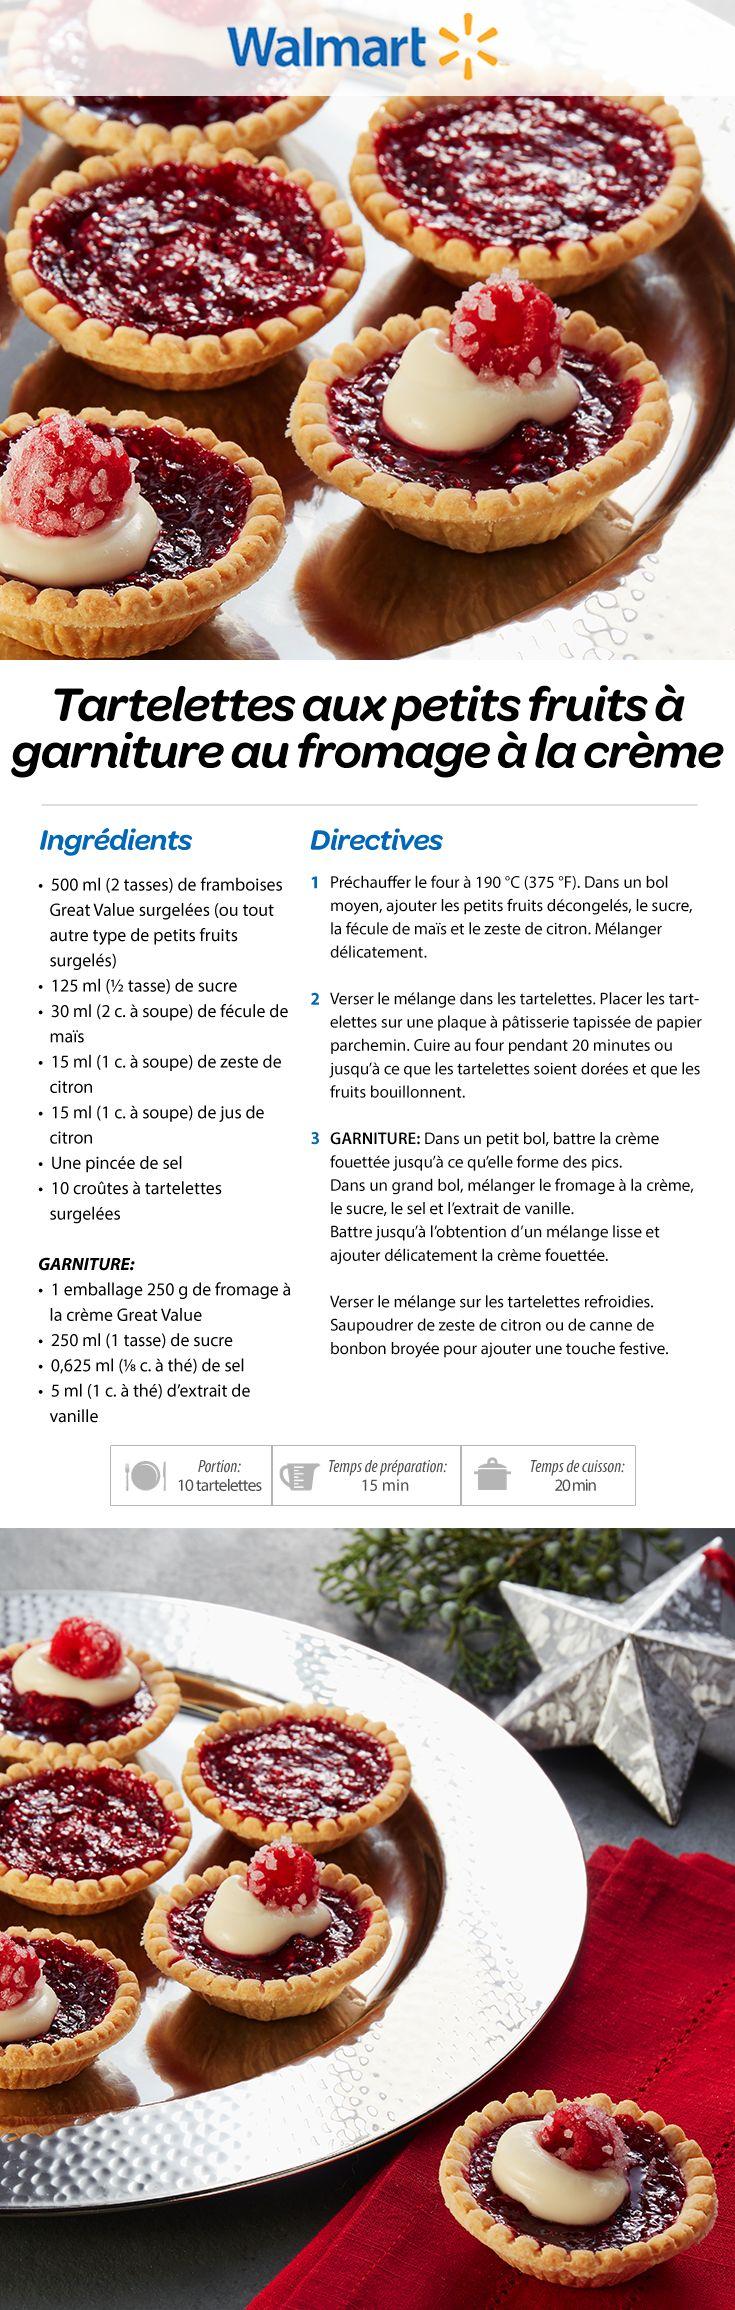 Tartelettes aux petits fruits à garniture au fromage à la crème